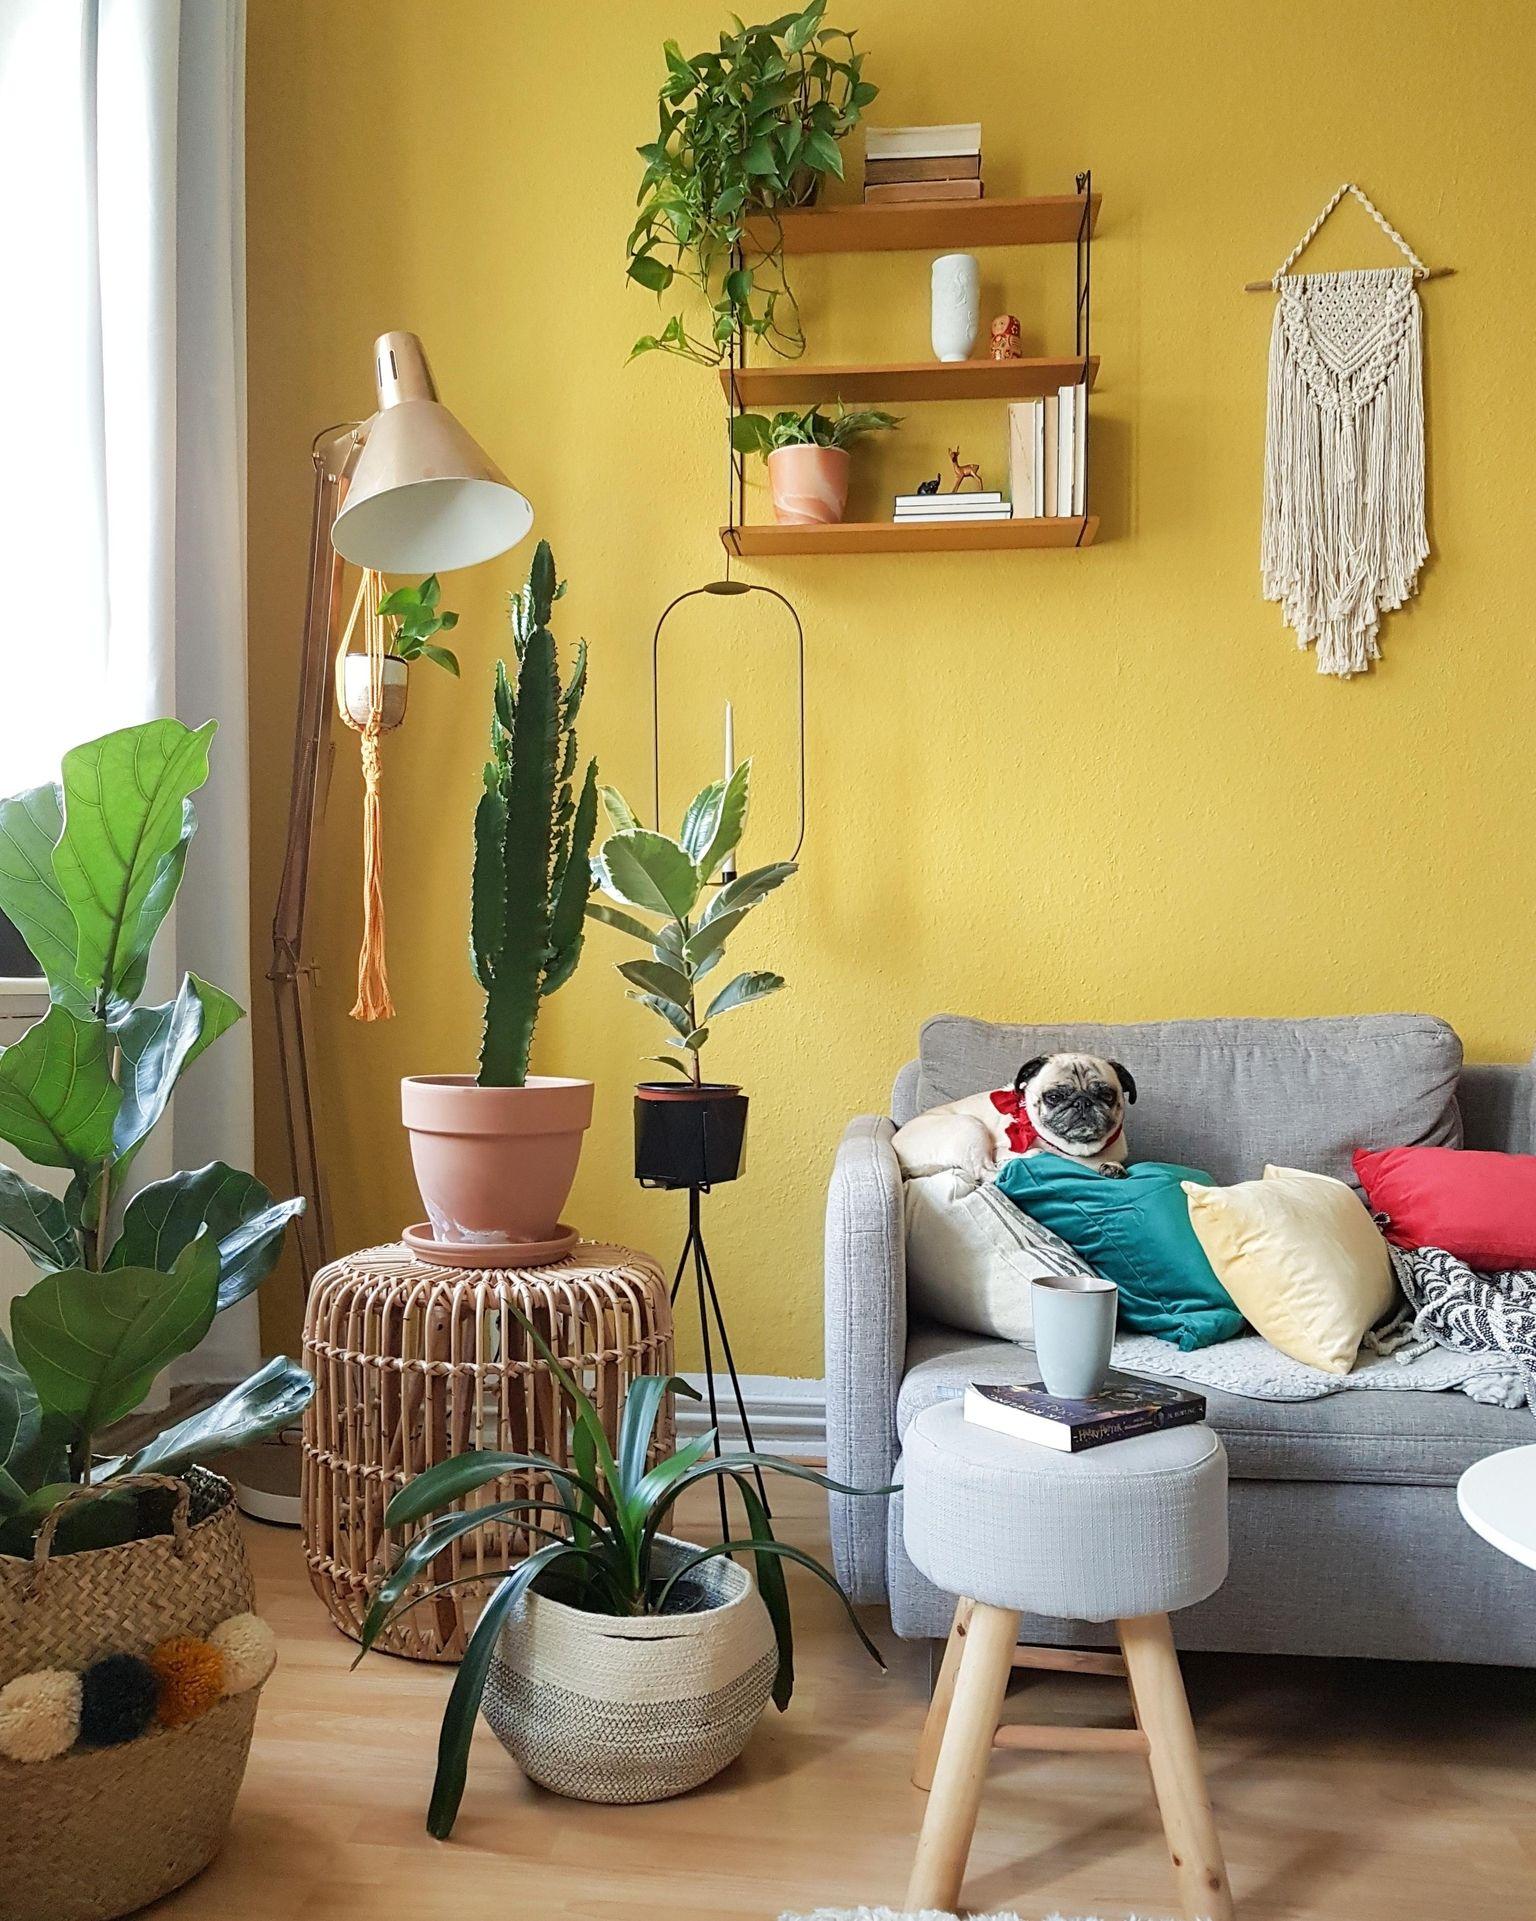 Livingroom Boho Bohohome Bohohomedecor Plants Gelbes Wohnzimmer Wohnzimmer Farbe Wohnzimmerfarbe